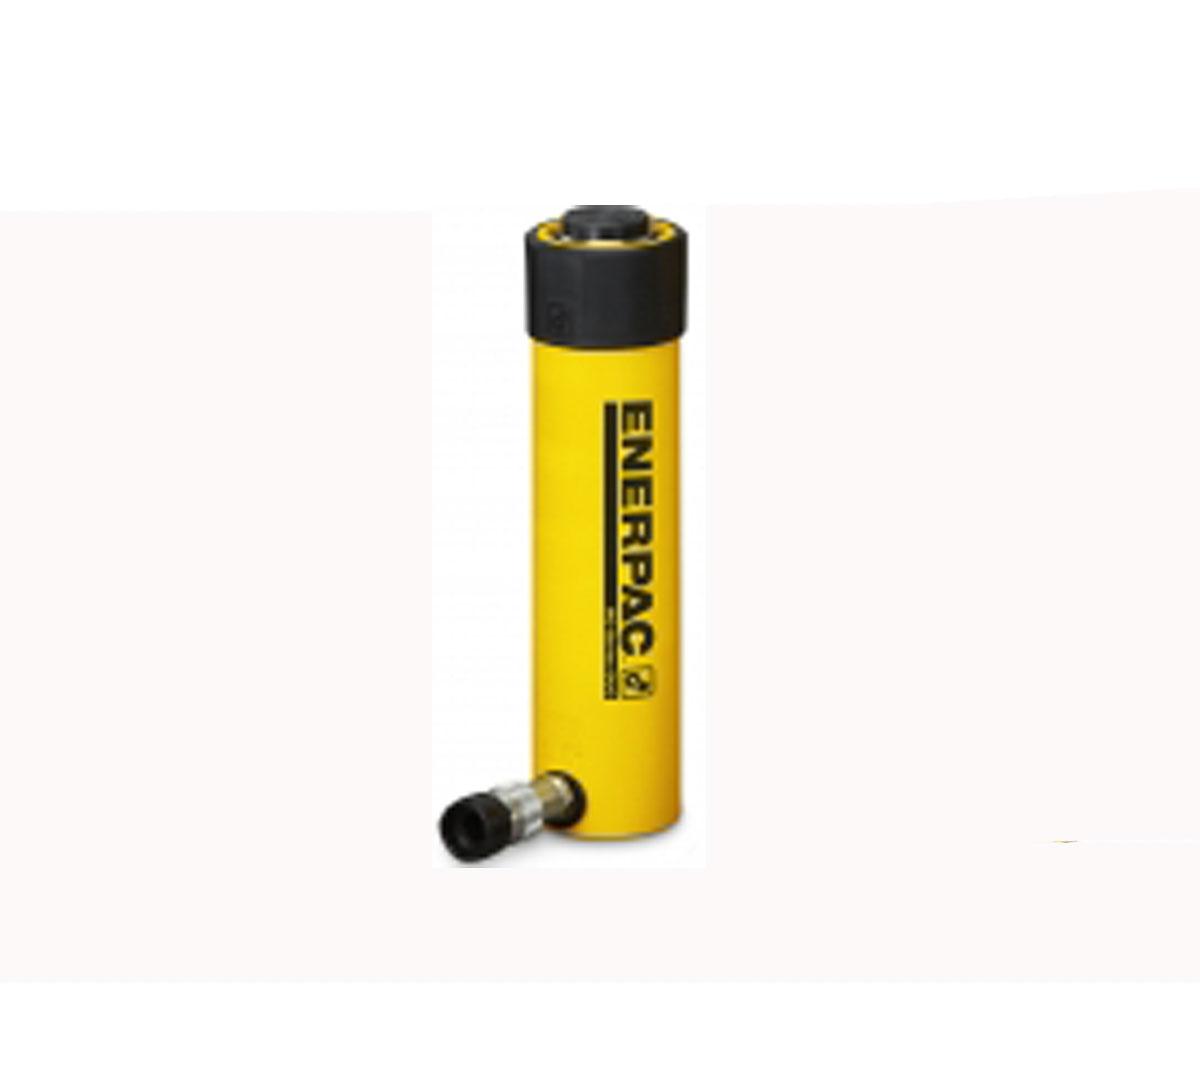 enerpac-rc258-hydraulic-cylinder-rental